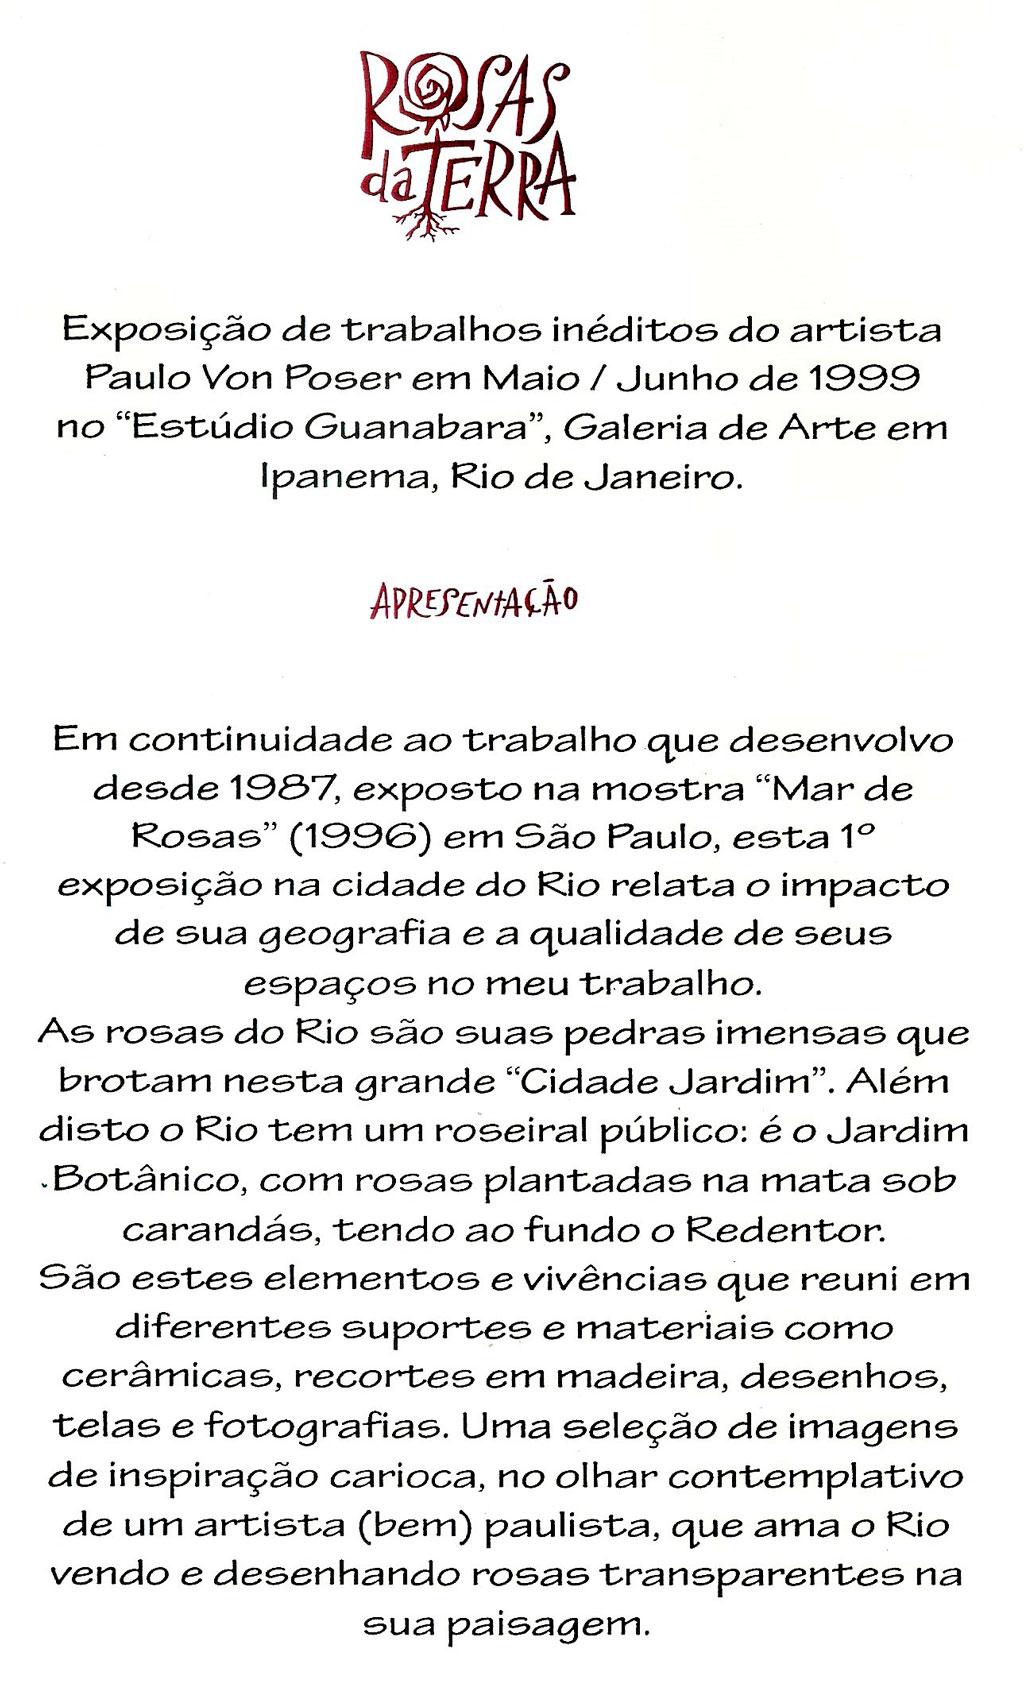 ROSAS.TERRA 1999 PAULO VON POSER (21)